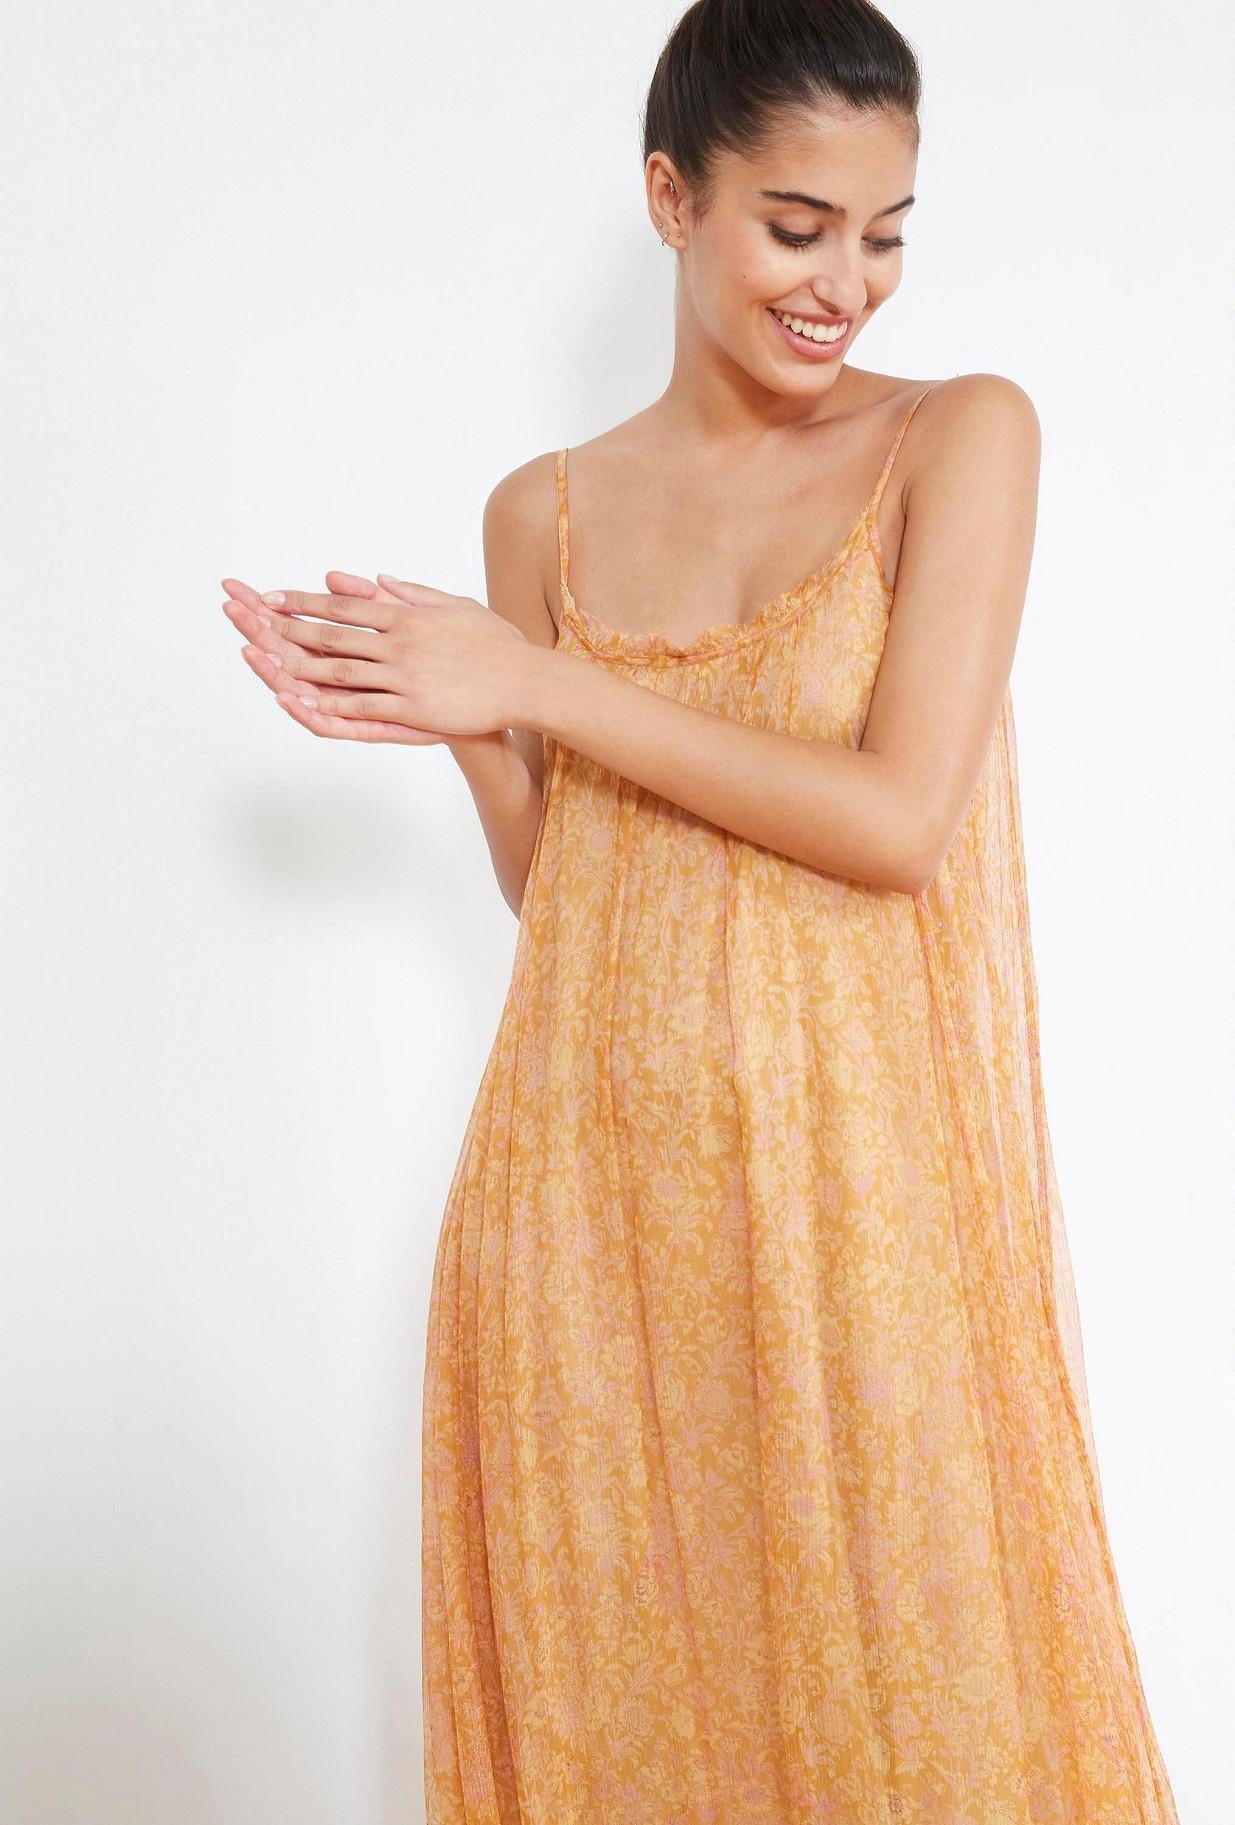 clothes store DRESS  Abigail french designer fashion Paris